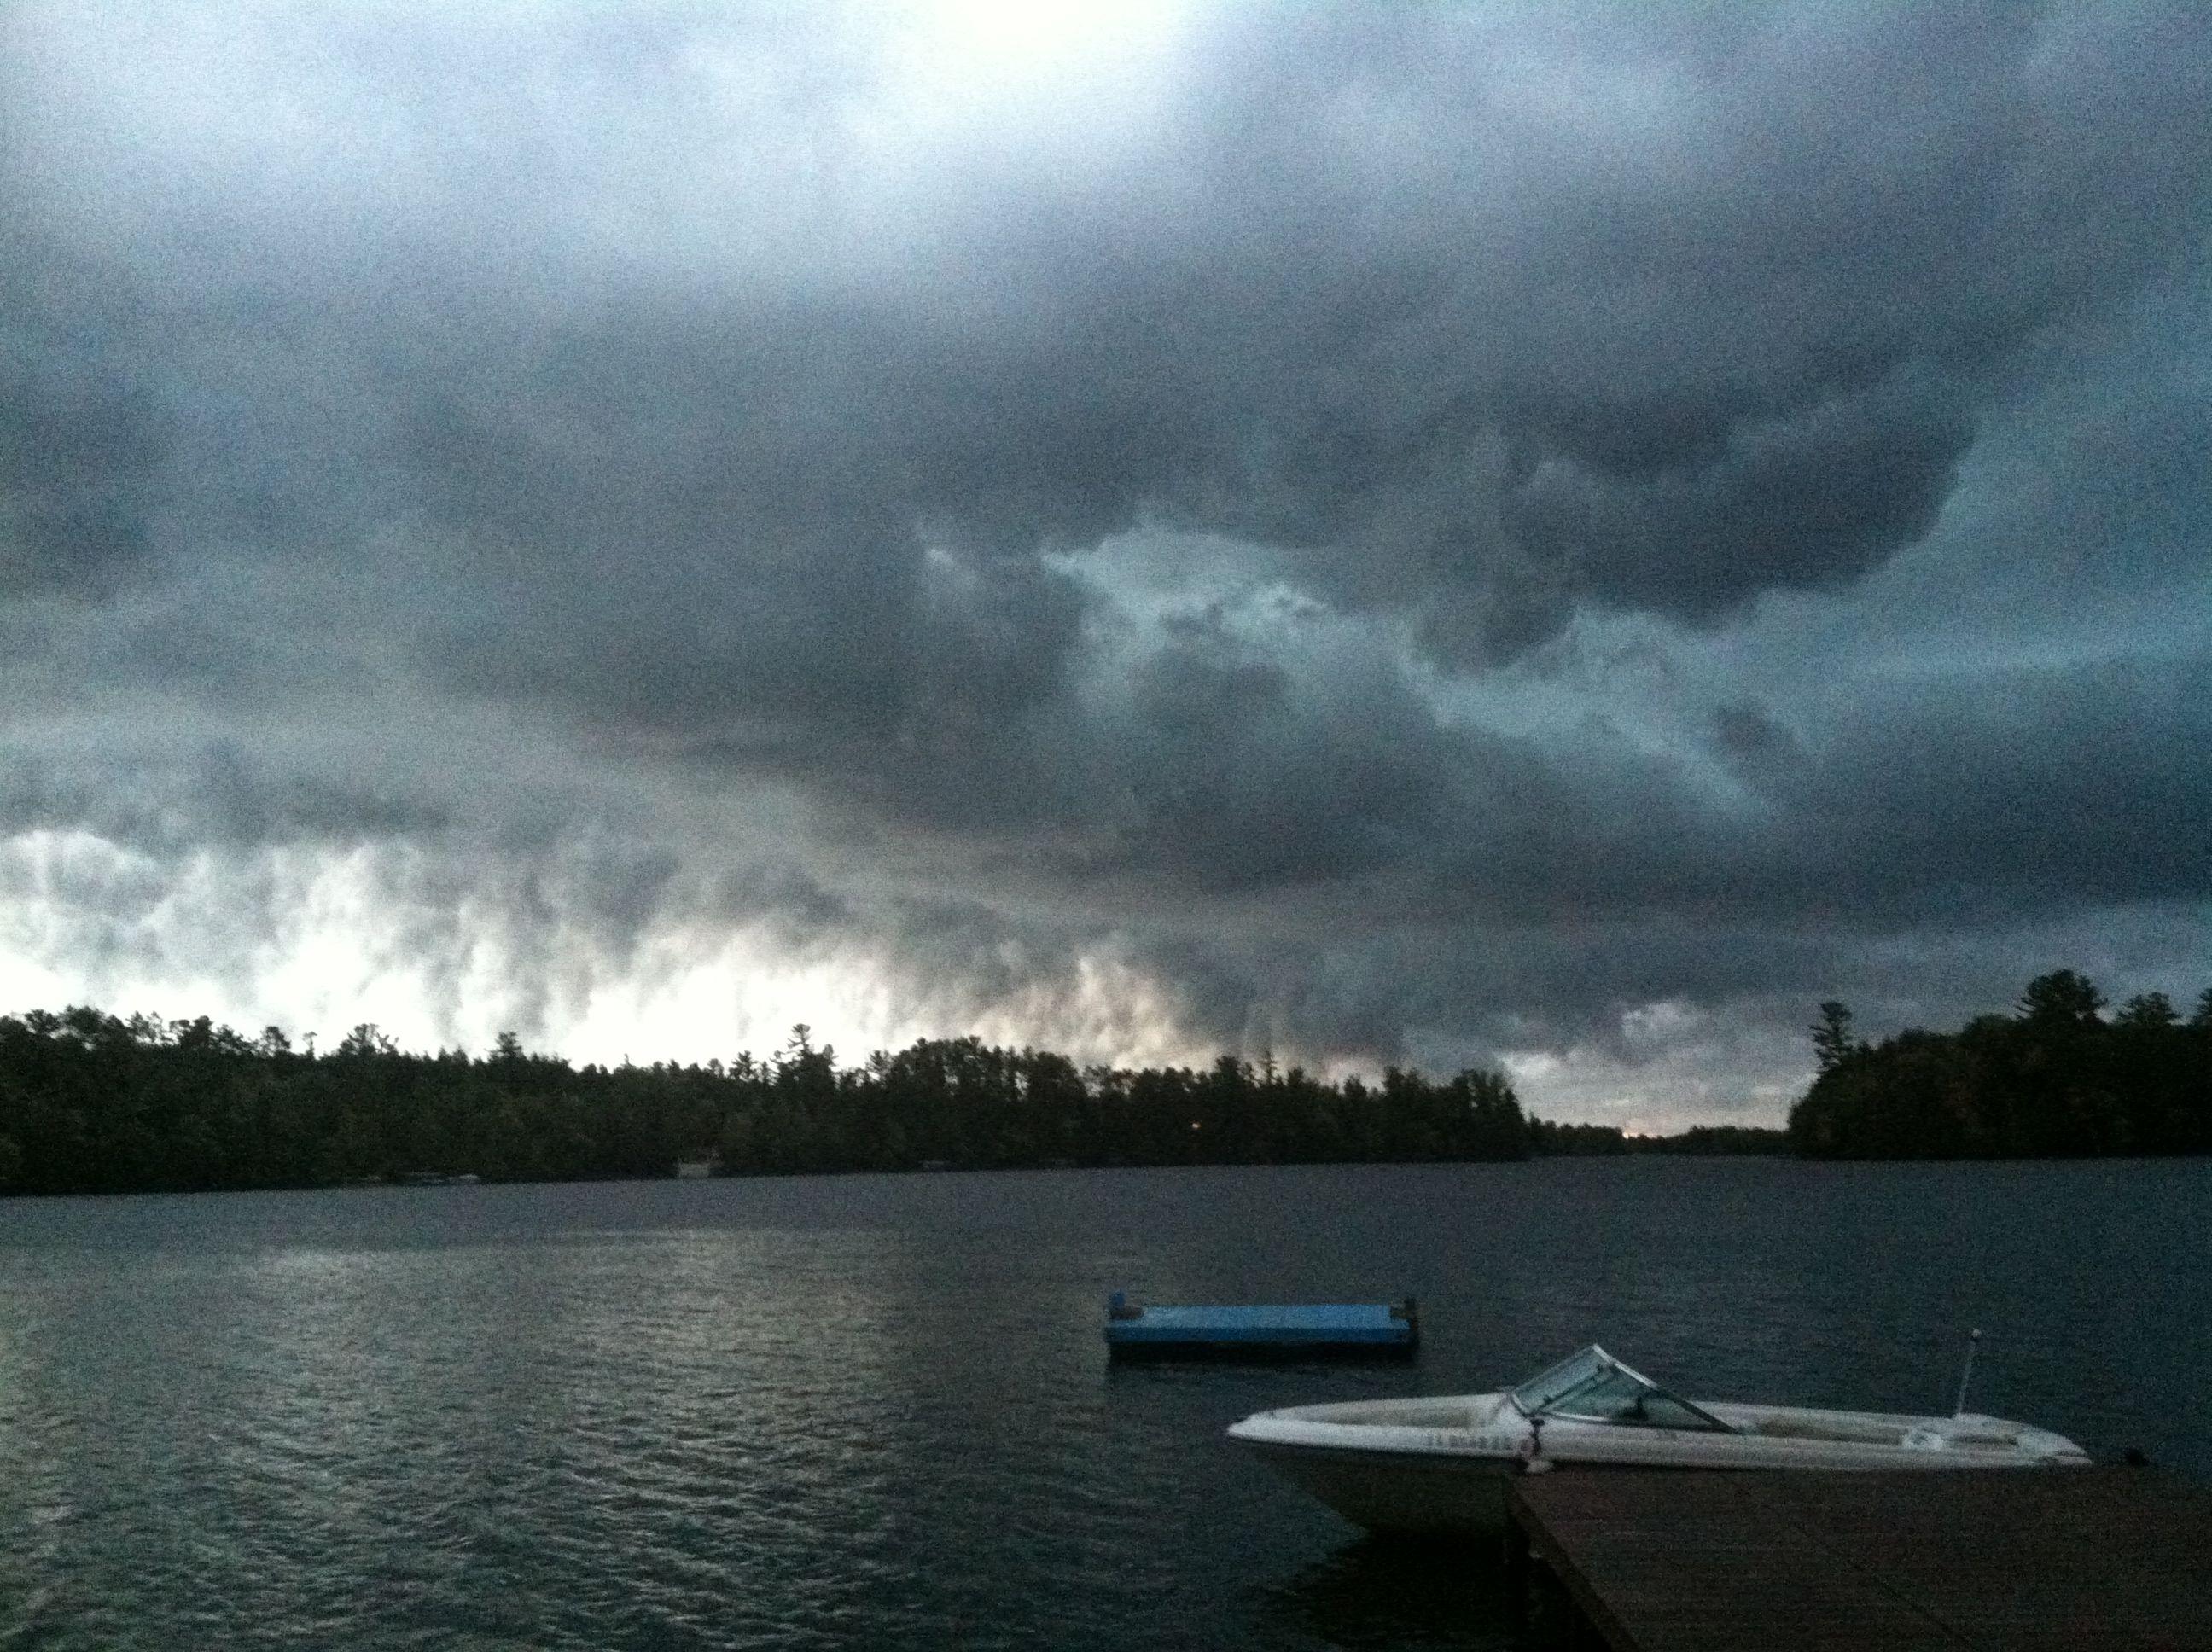 Thunder Storm over my lake - God Bless.